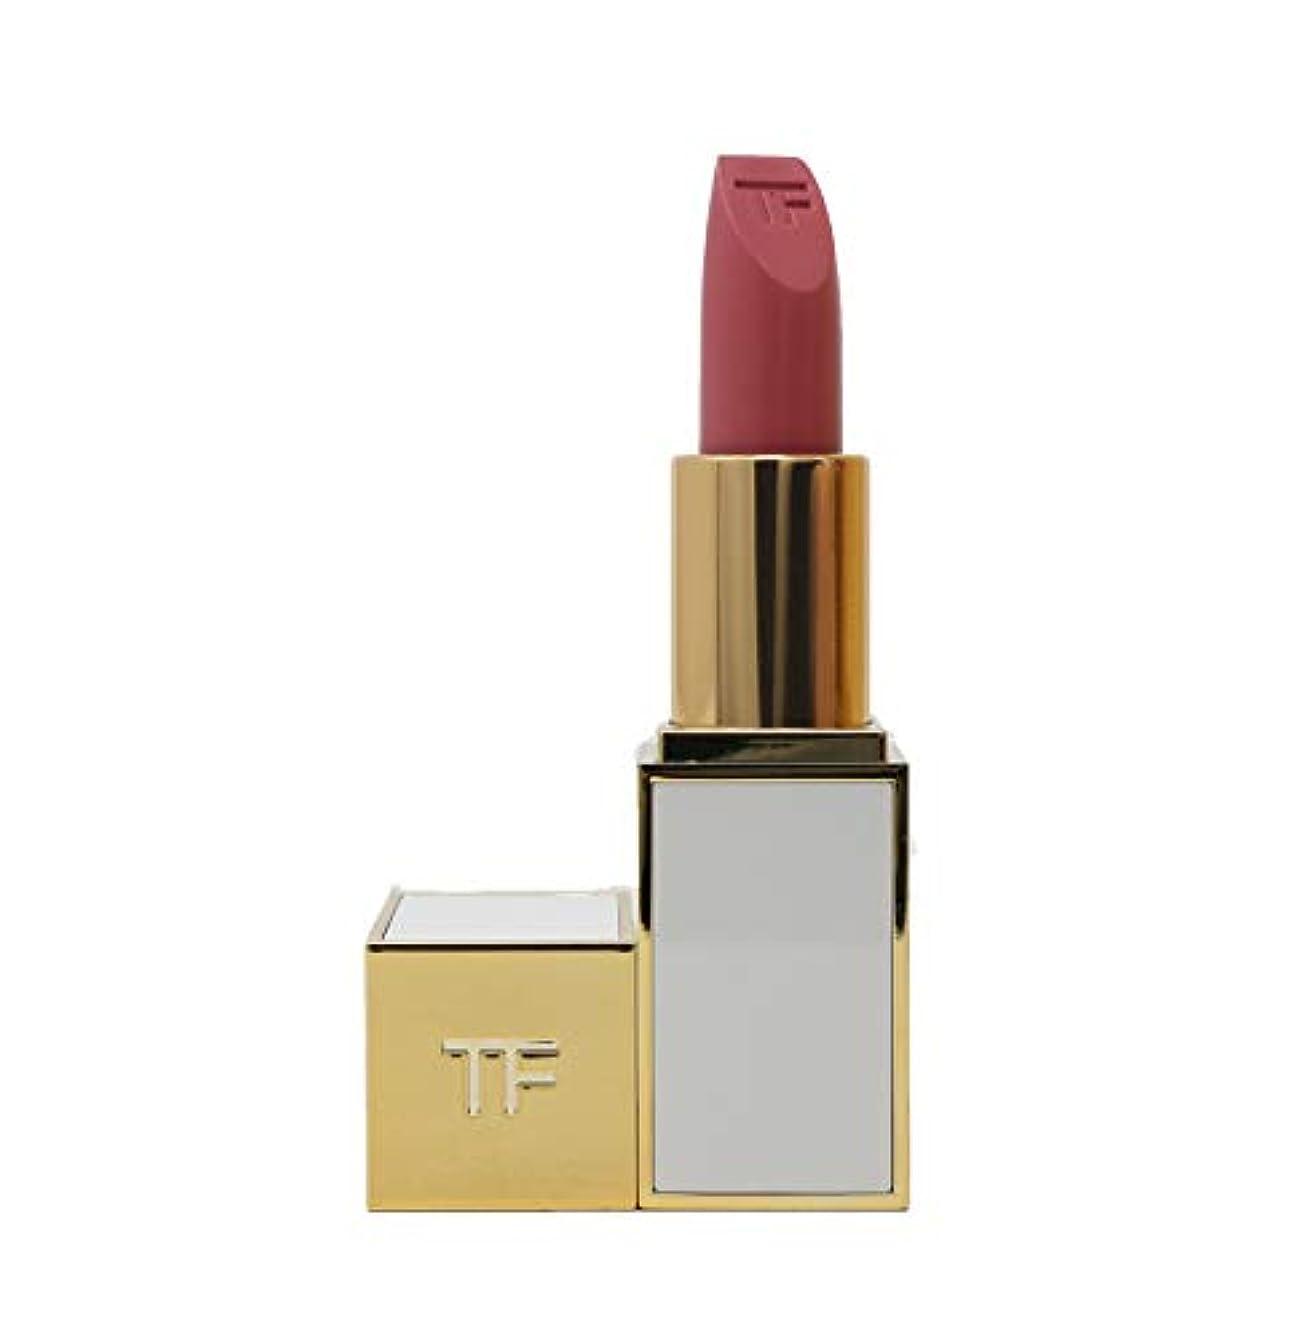 対角線タイプ治療トム フォード Lip Color Sheer - # 10 Carriacou 3g/0.1oz並行輸入品